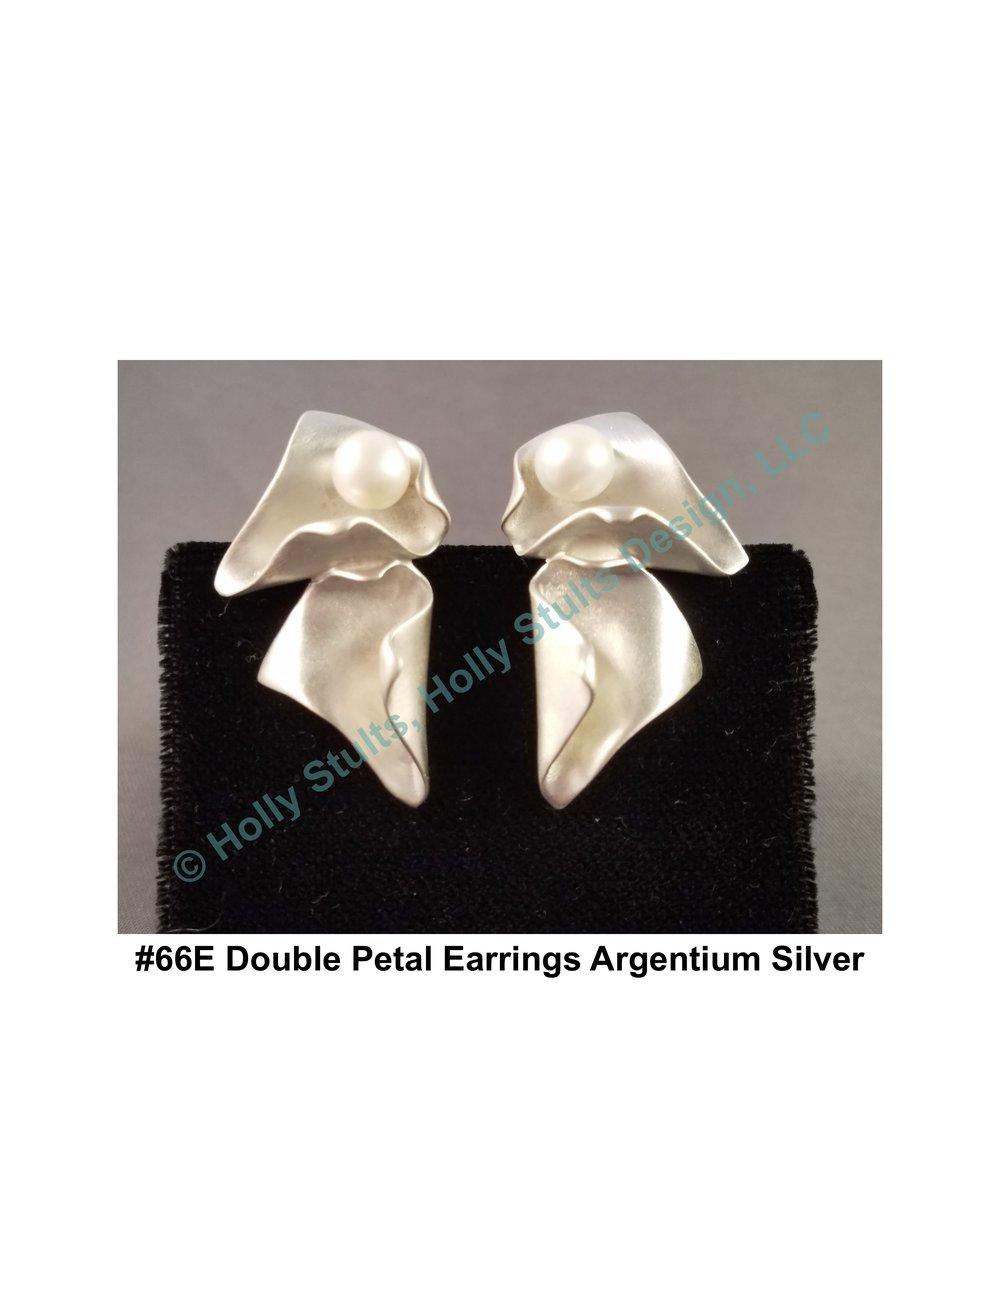 #66E Double Petal Earrings Argentium Silver.jpg